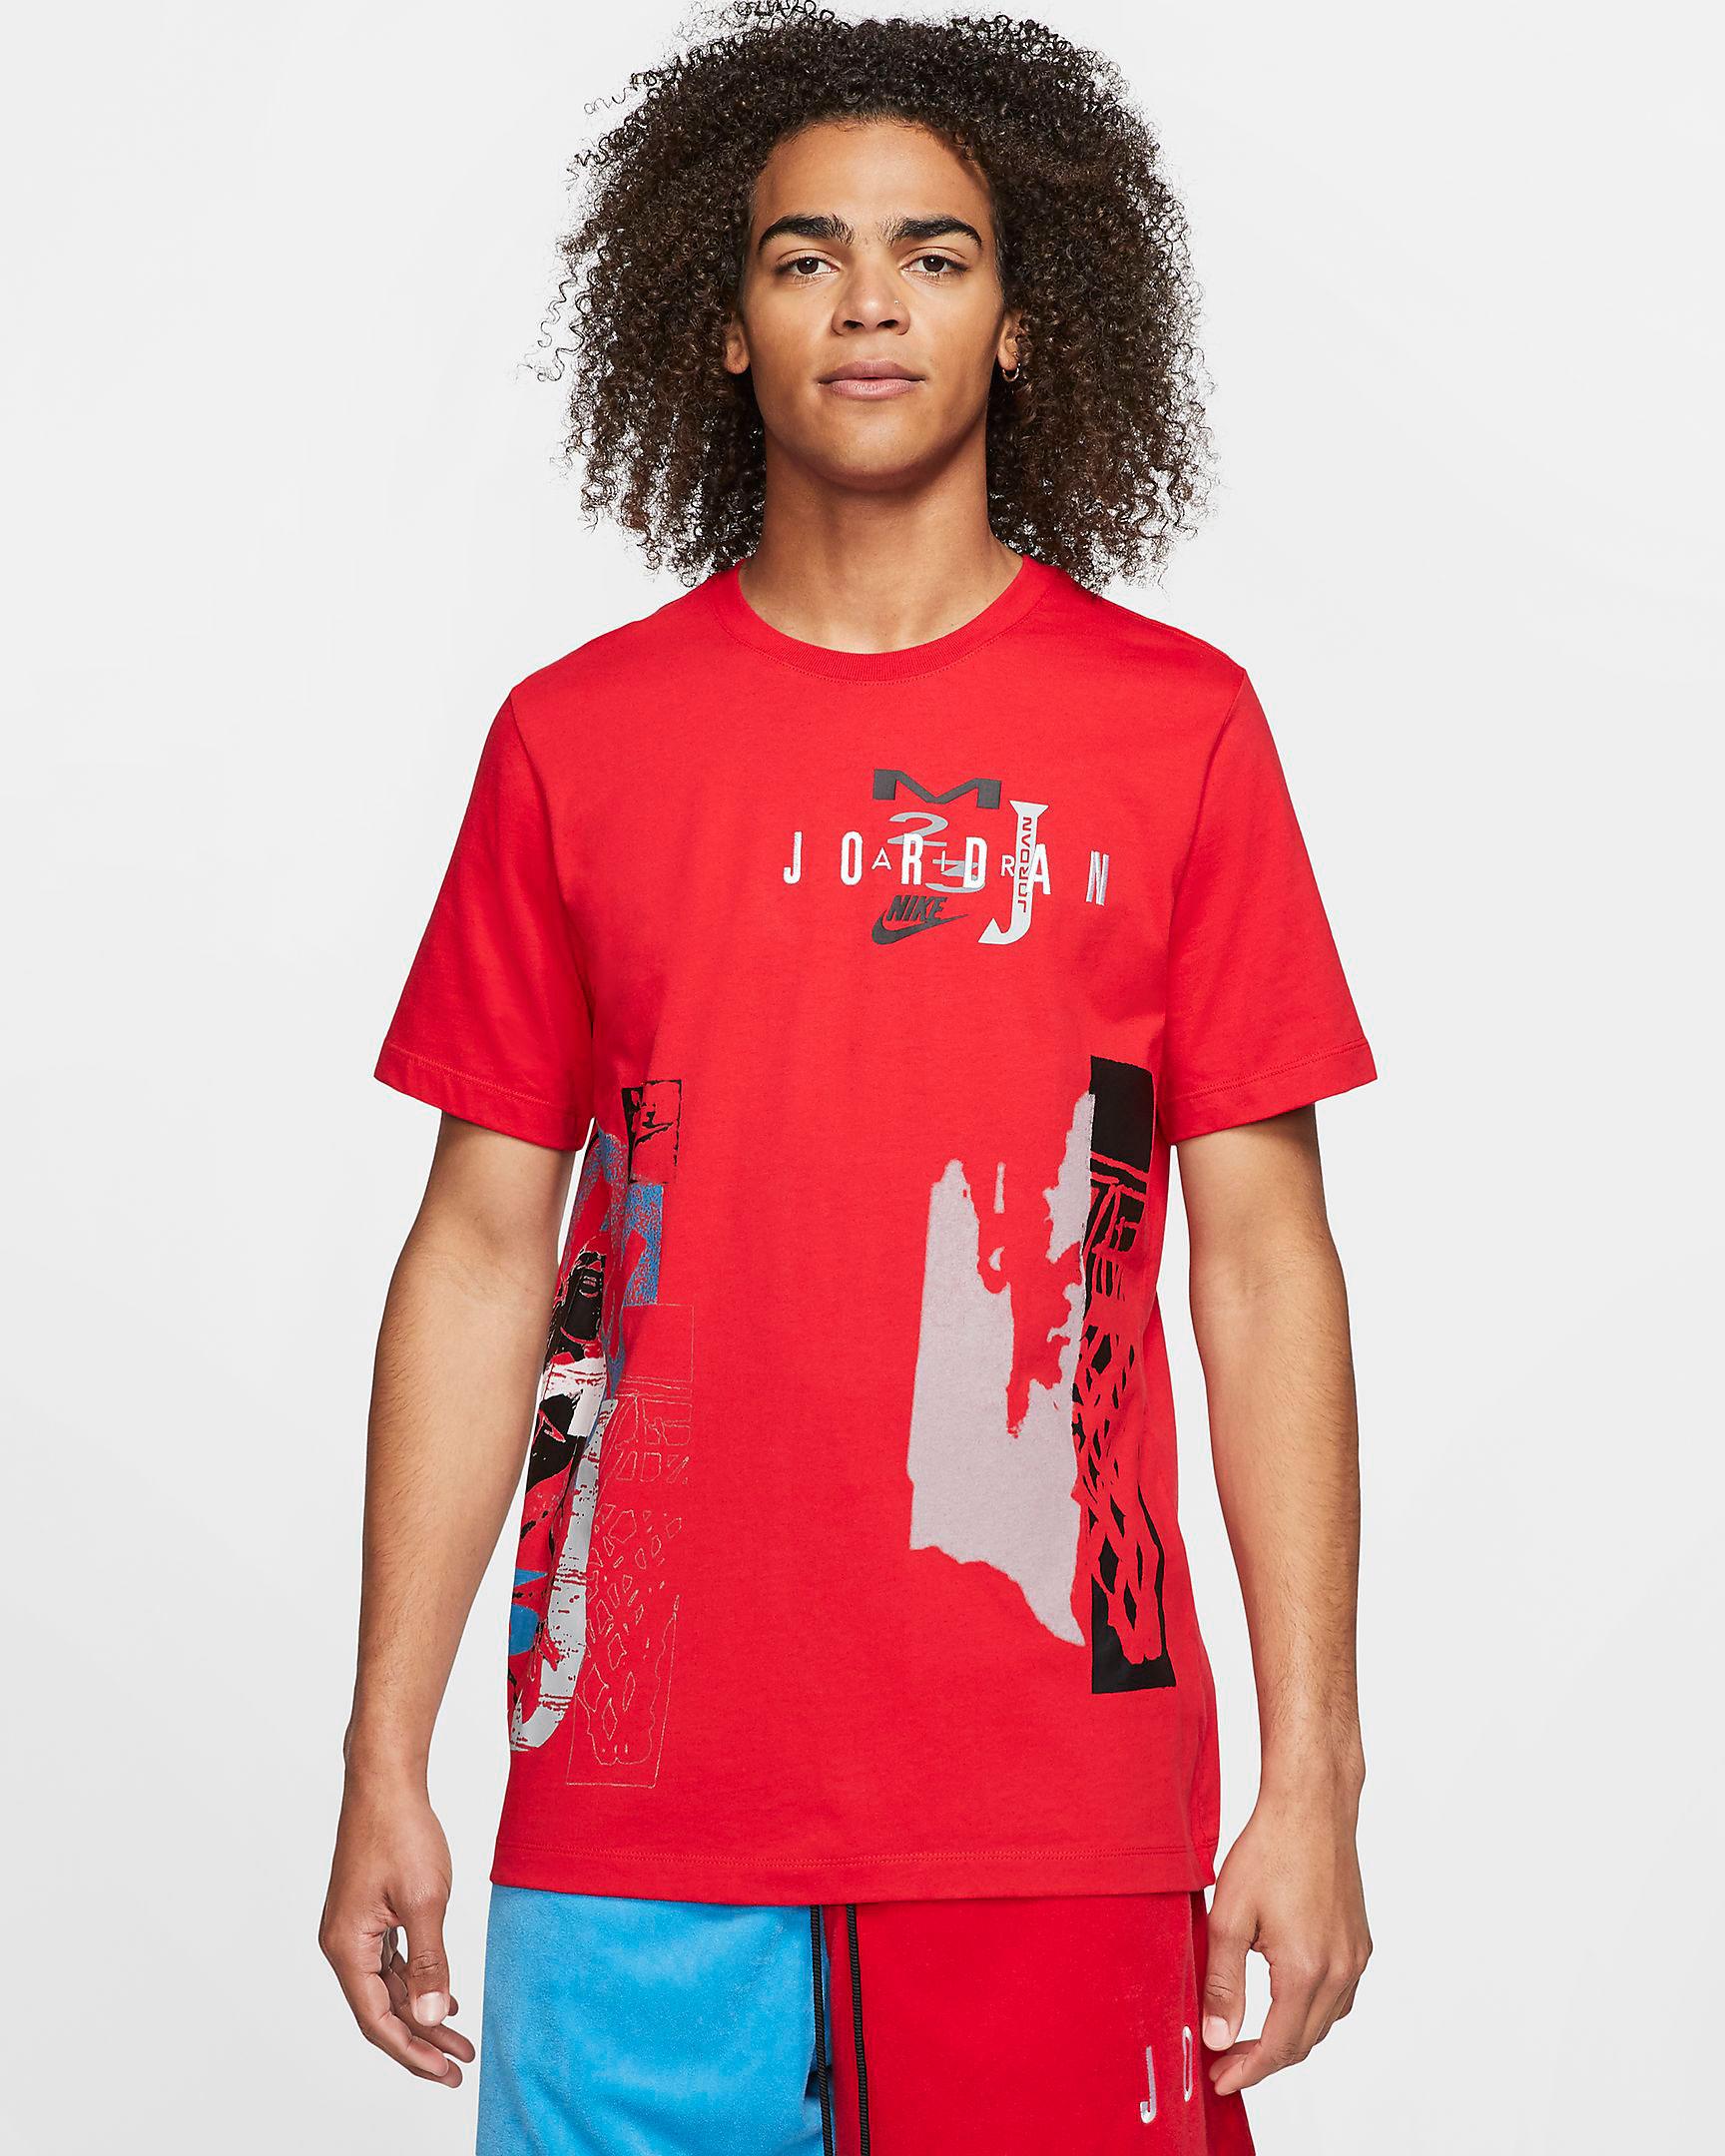 jordan-sport-dna-shirt-red-grey-blue-1